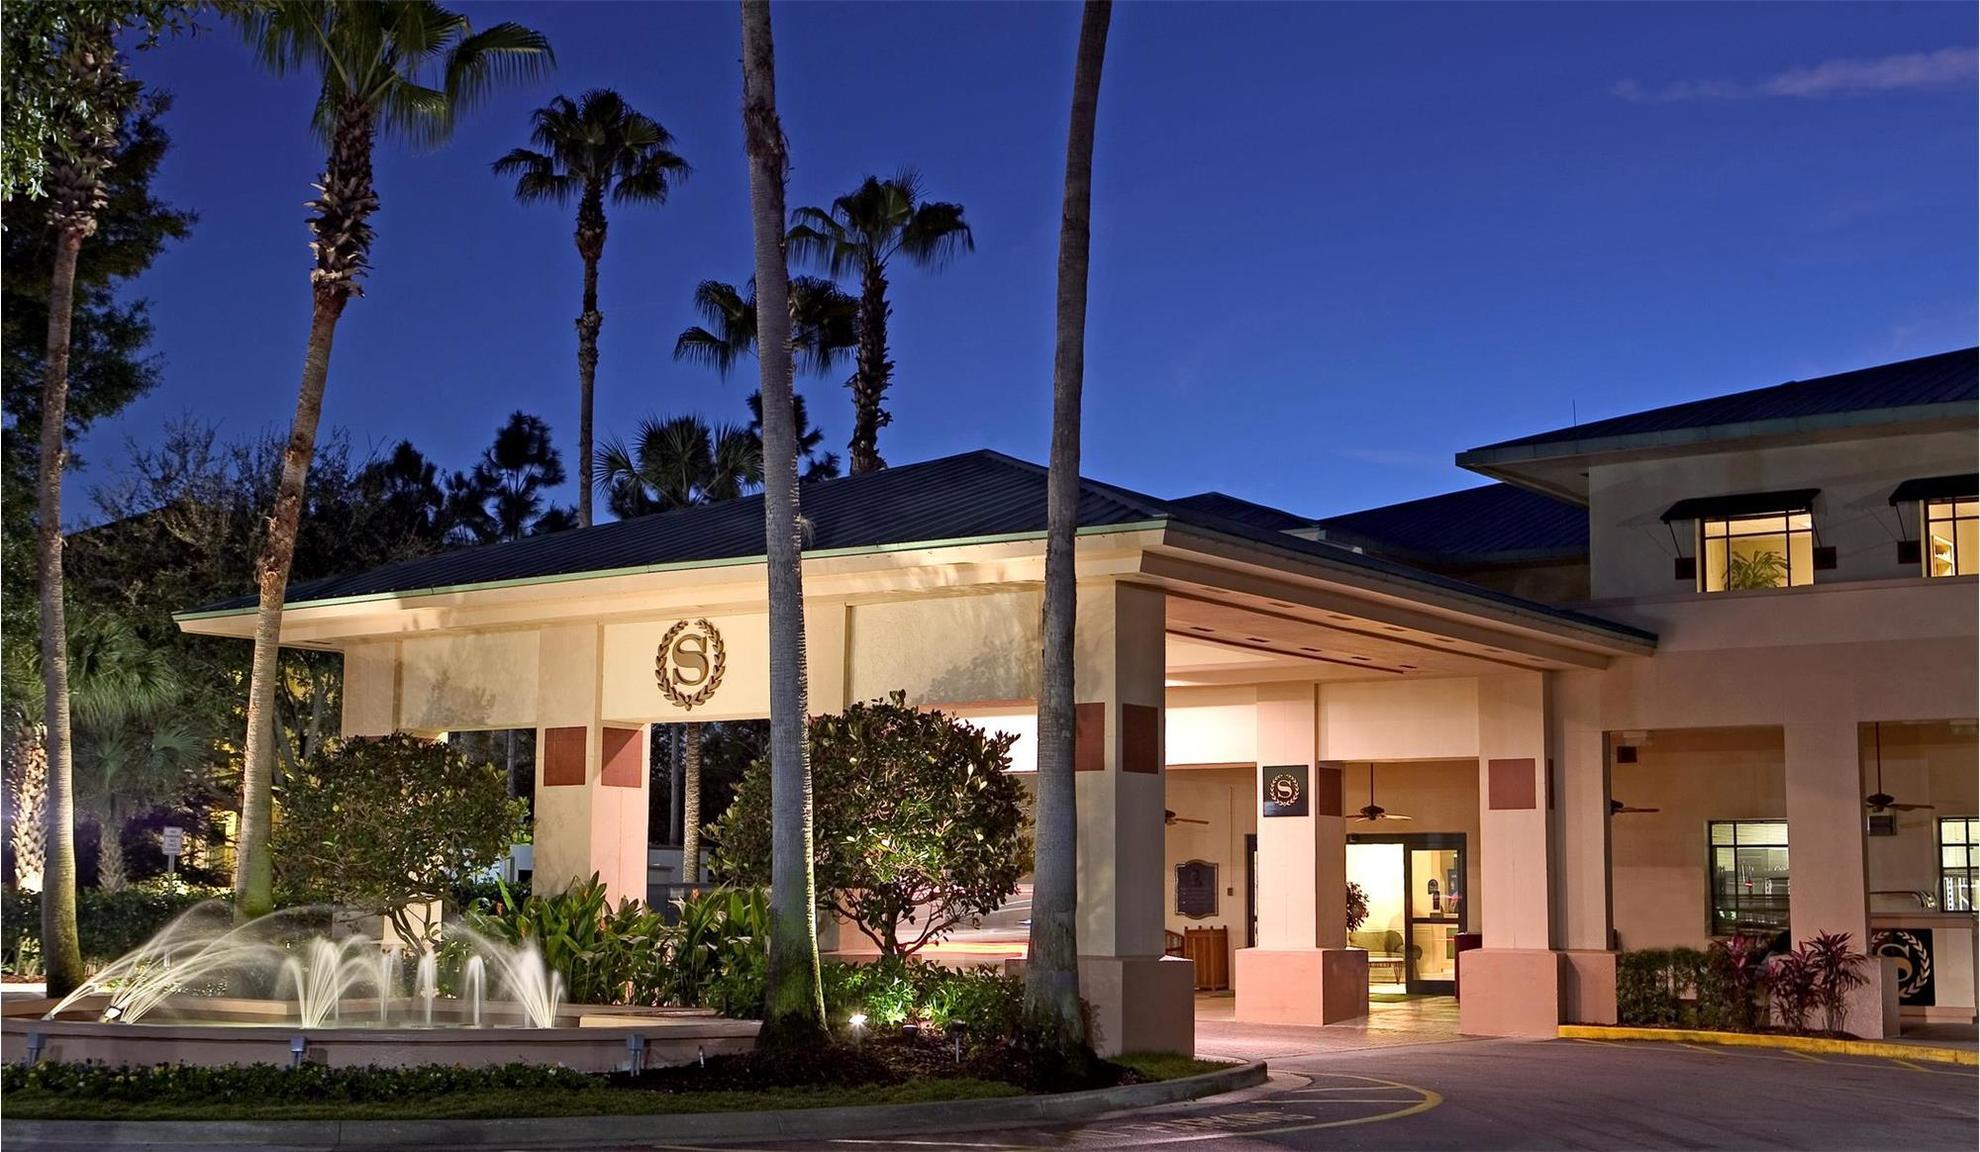 Hotel review sheraton vistana resort villas orlando usa for Design hotel orlando